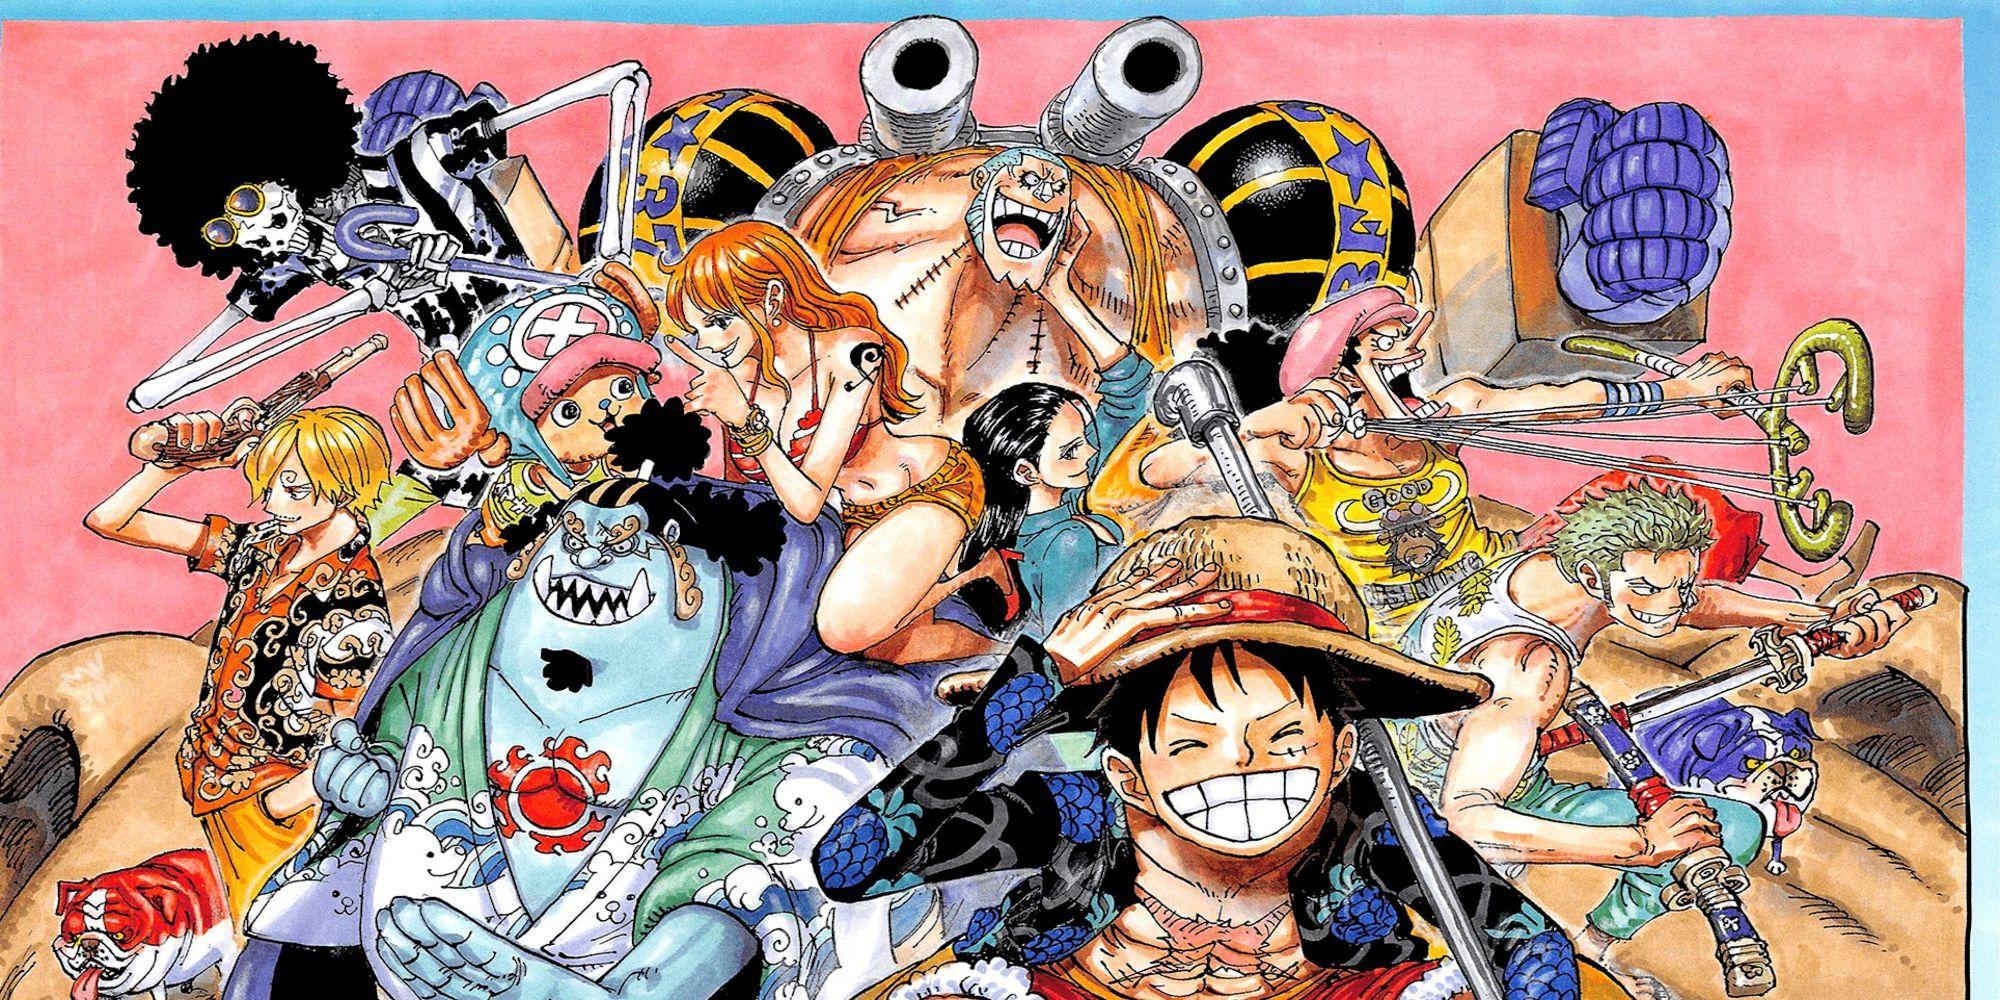 Quando terminará One Piece? Saiba Tudo o que Oda disse sobre o fim da série 10